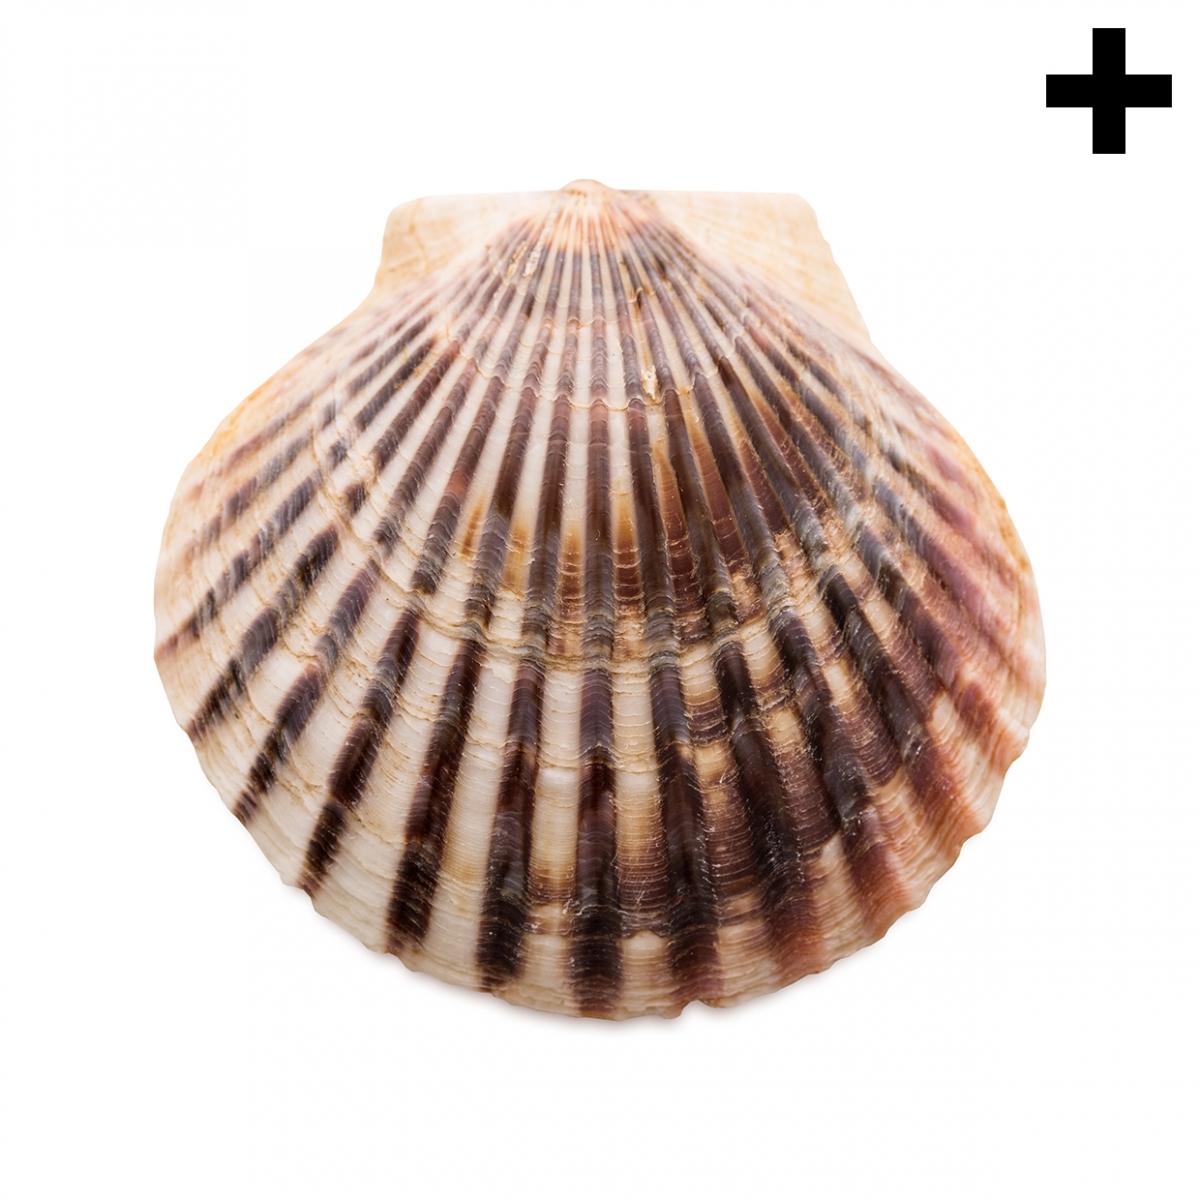 Imagen en la que se ve el plural del concepto concha